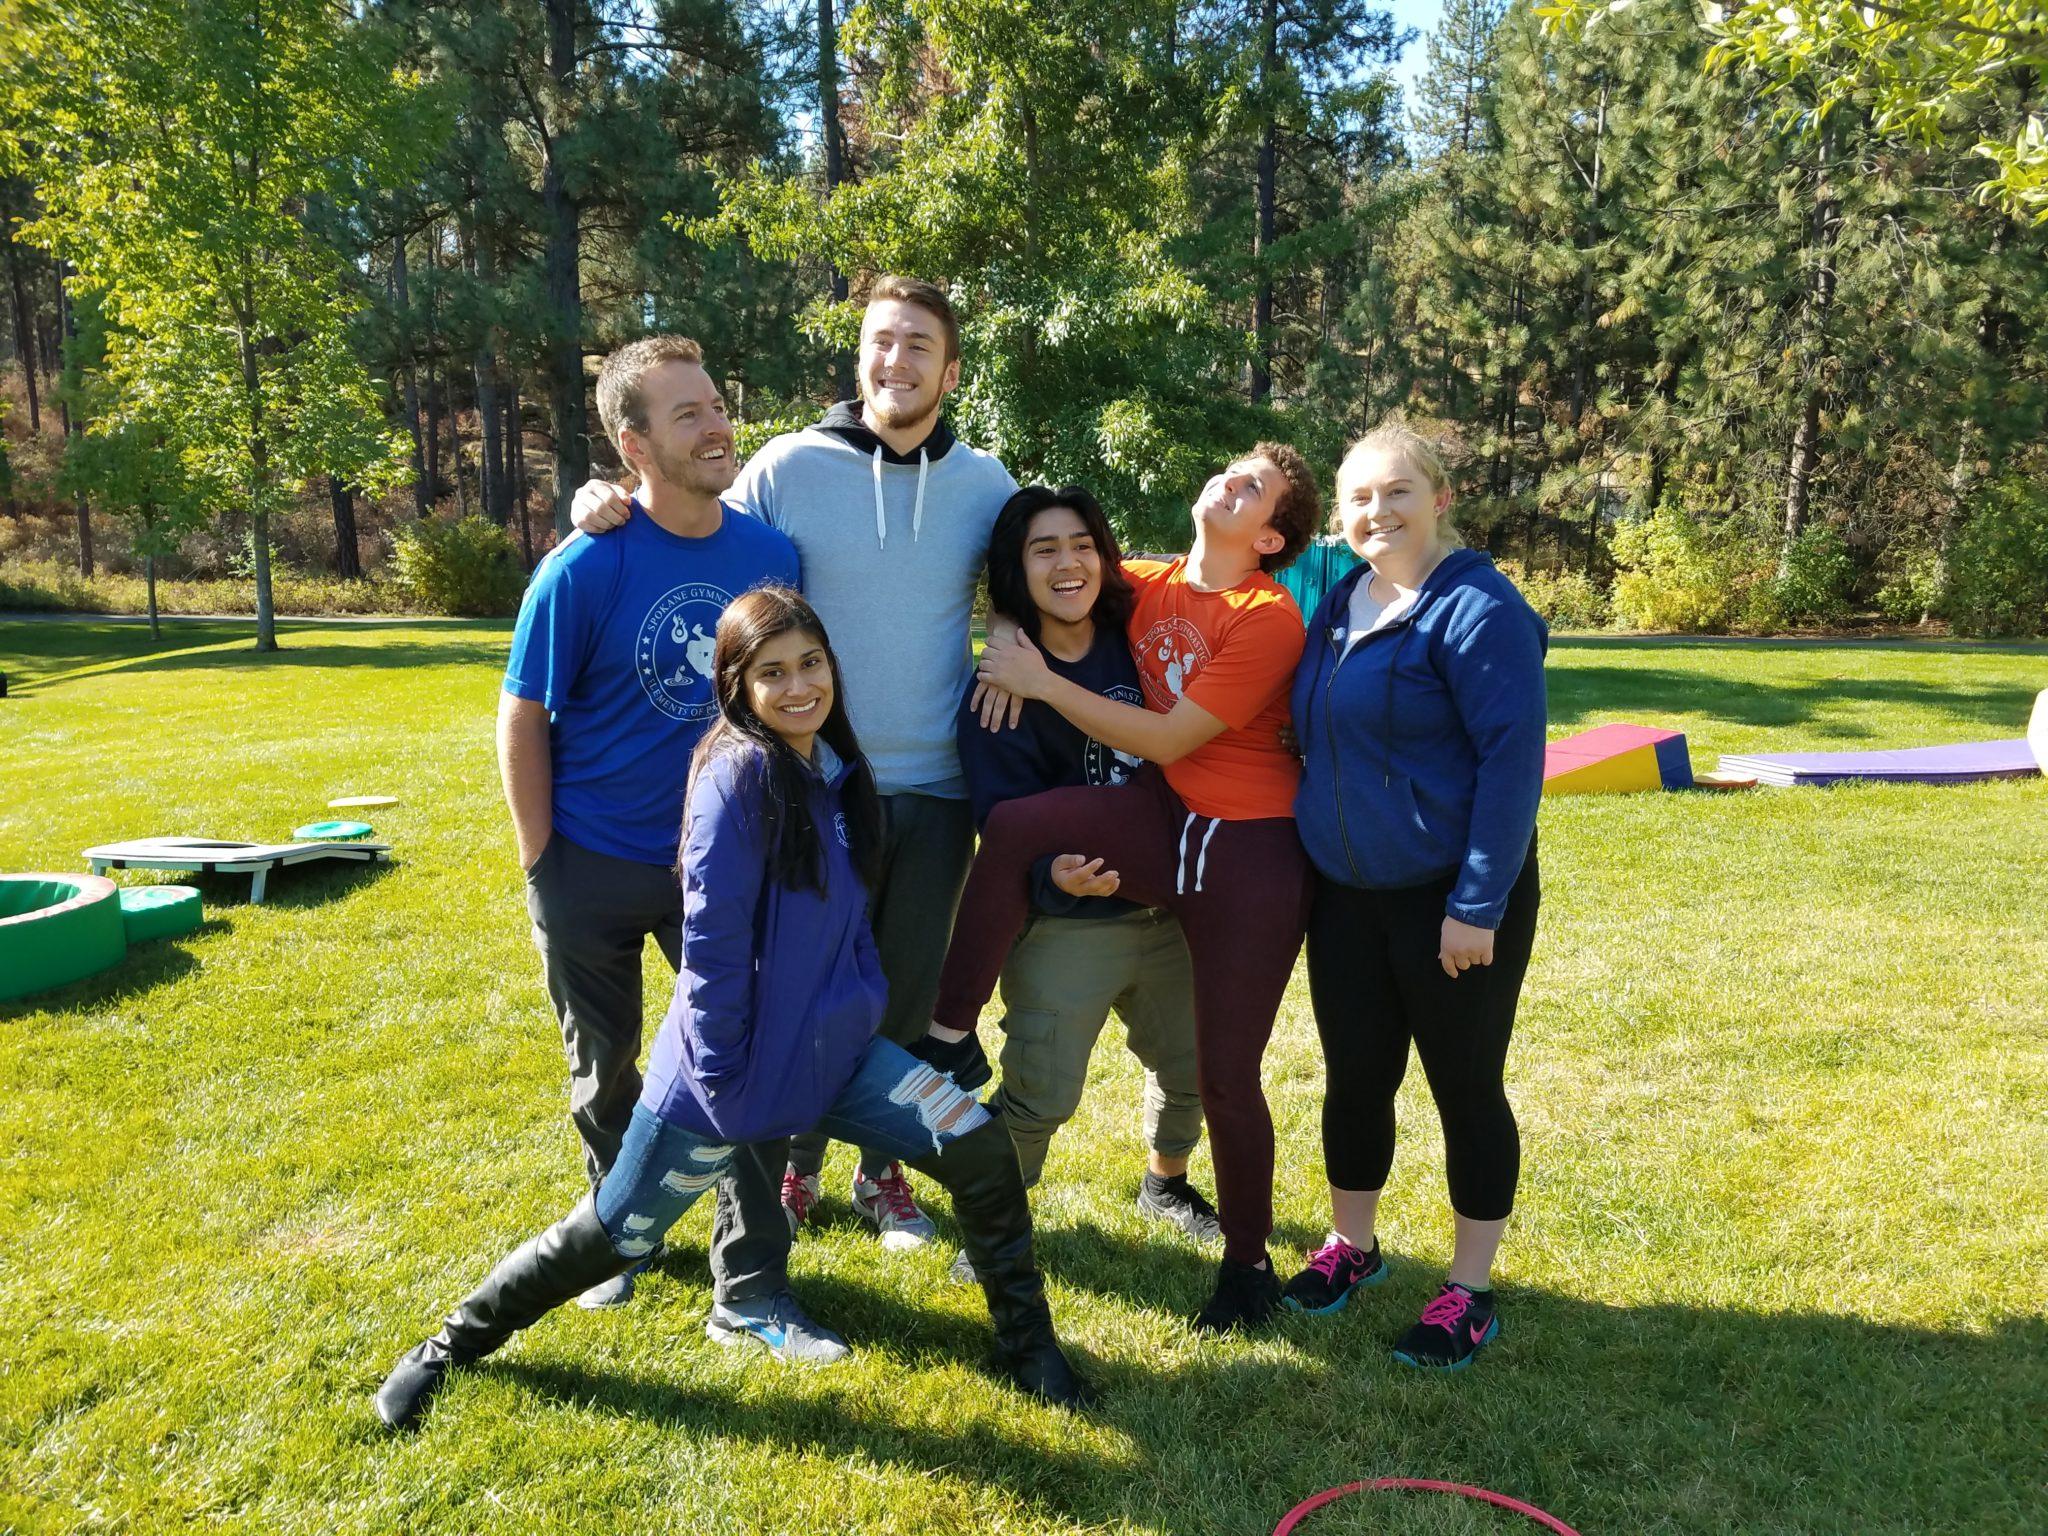 valleyfest staff